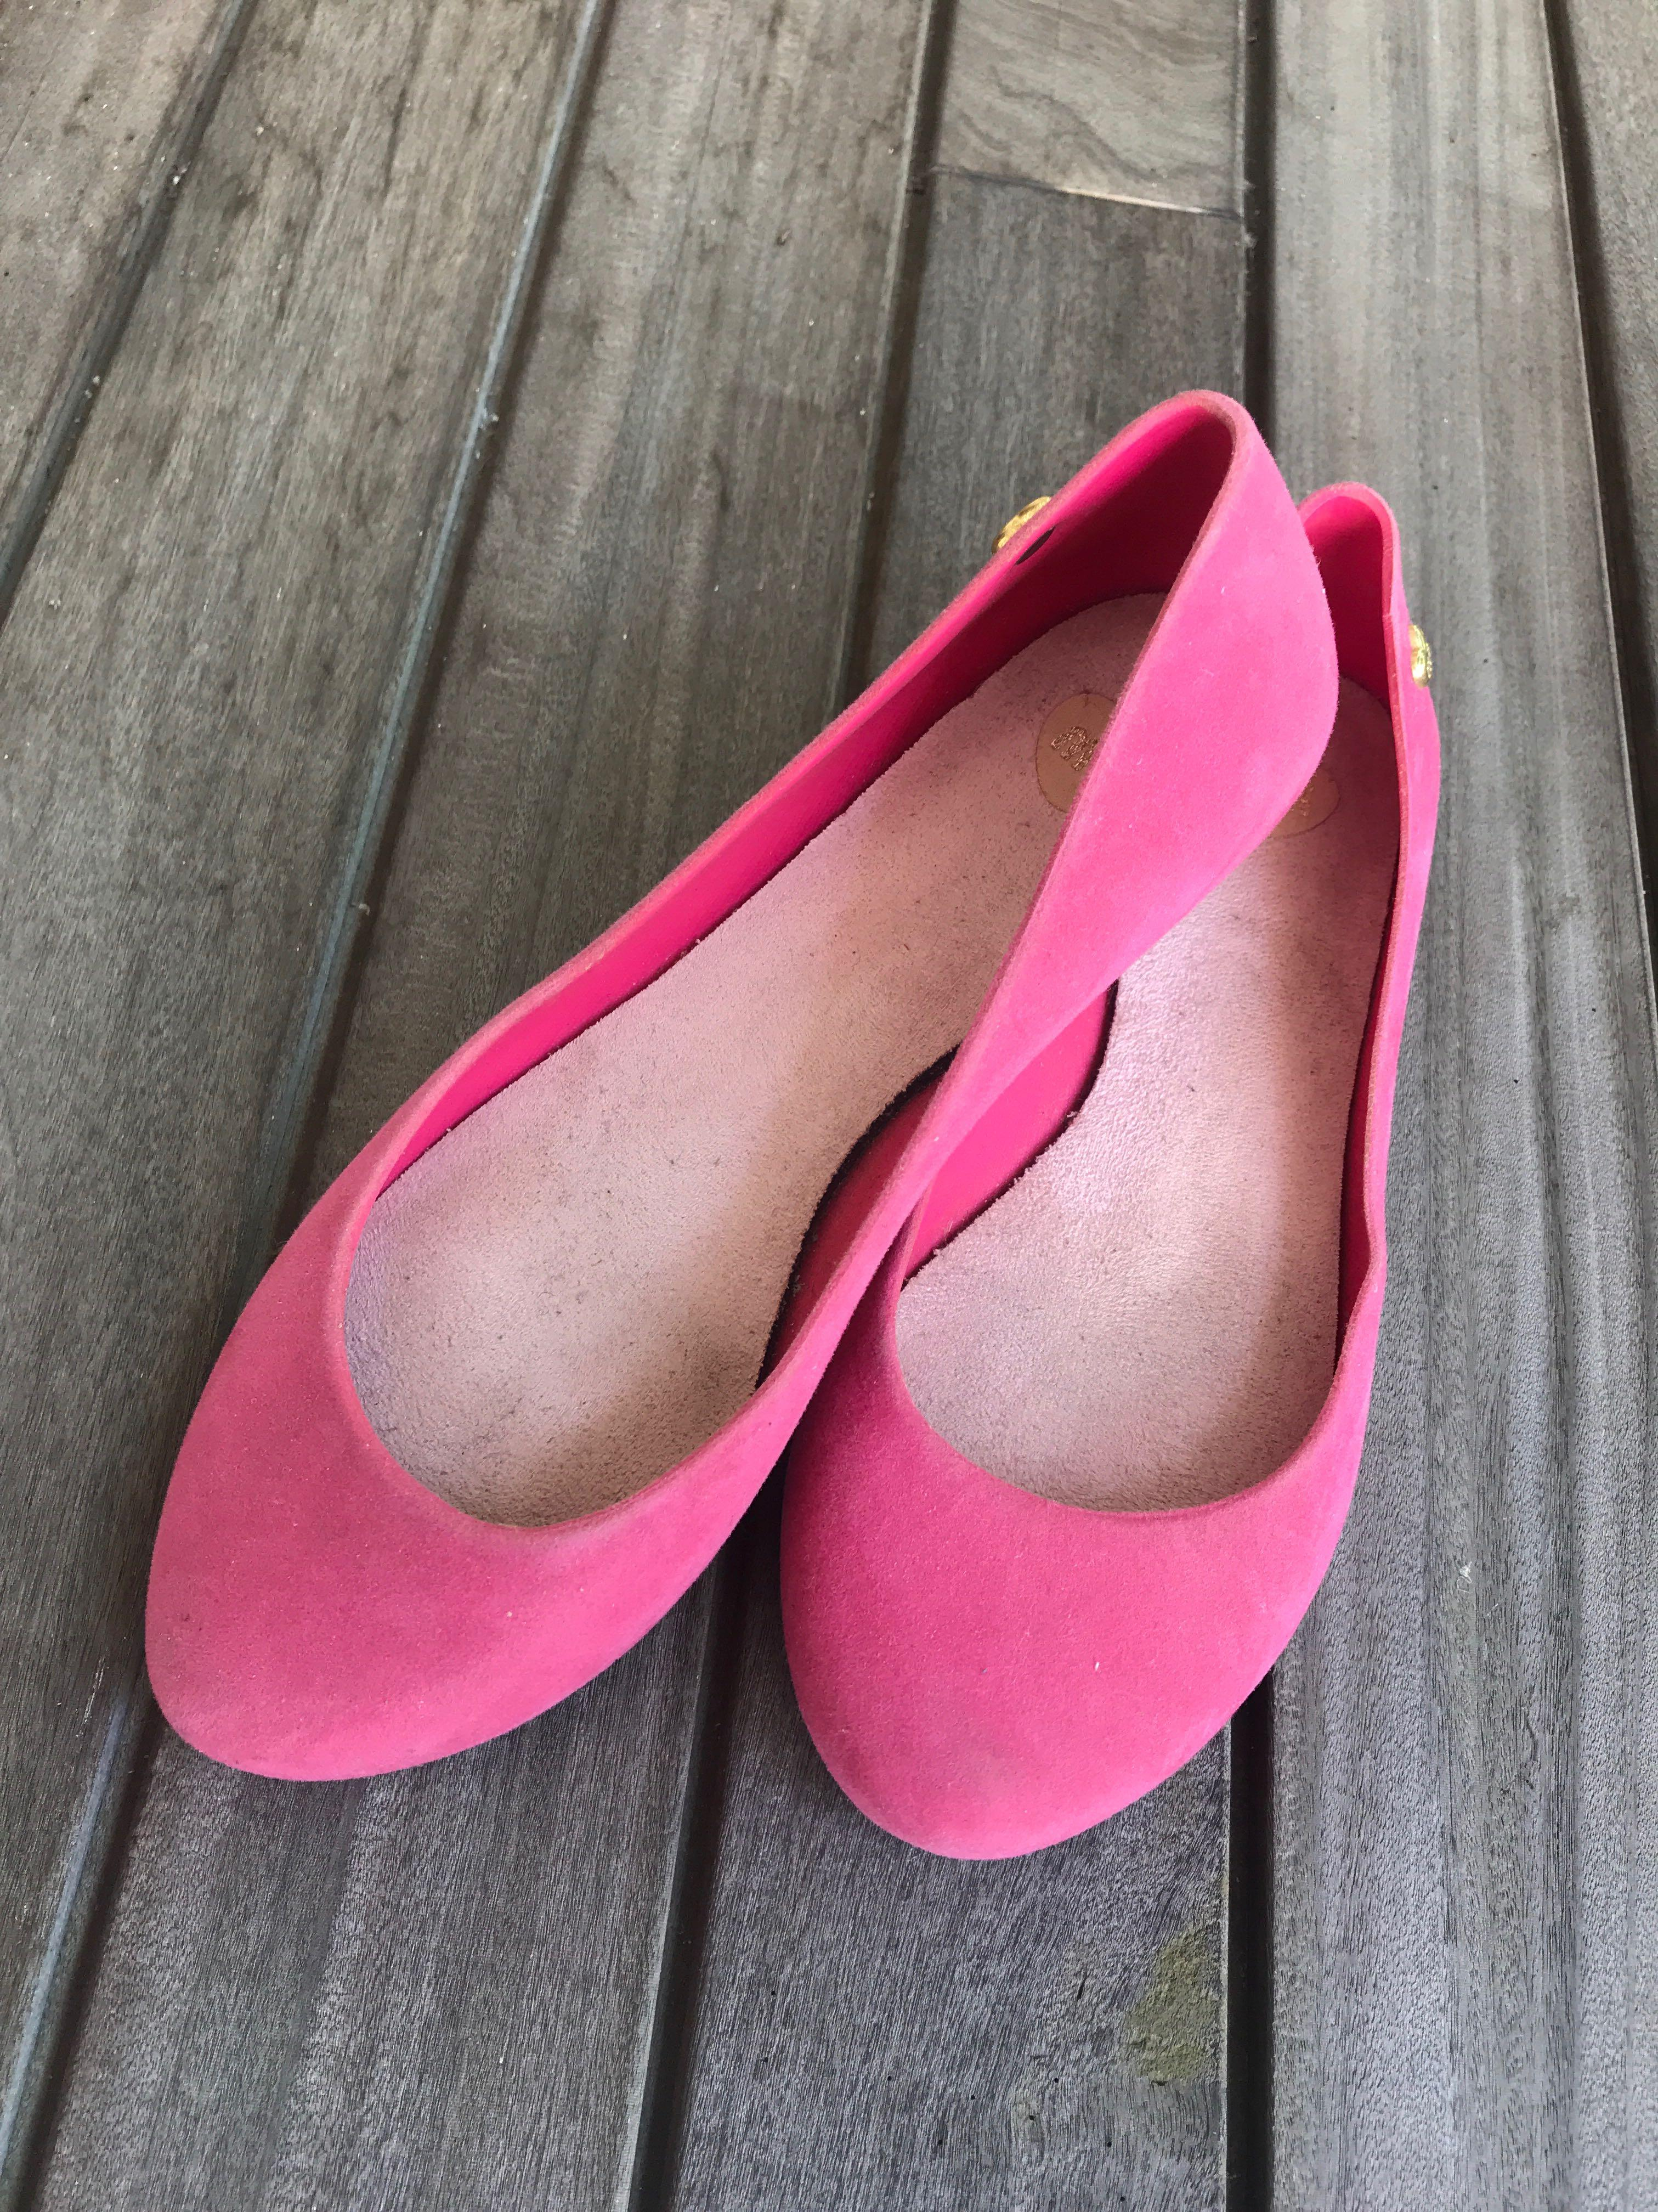 Pink flats, Women's Fashion, Shoes